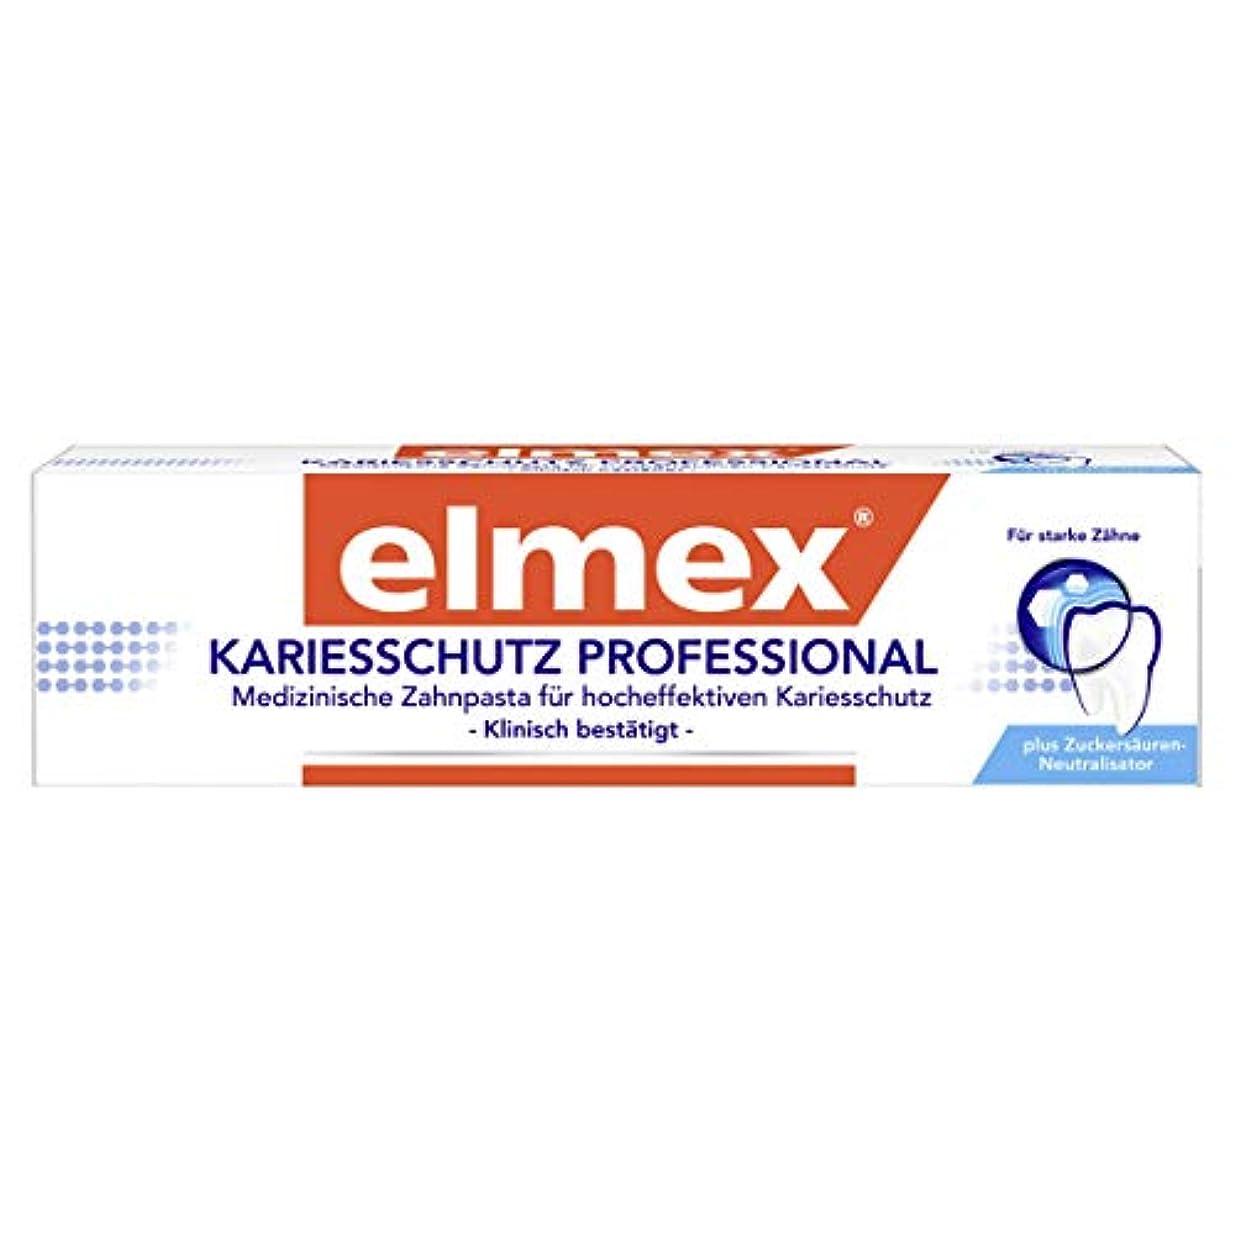 してはいけないブリッジソビエト3本セット elmex エルメックス 虫歯予防 プロフェッショナル 歯磨き粉 75ml【並行輸入品】